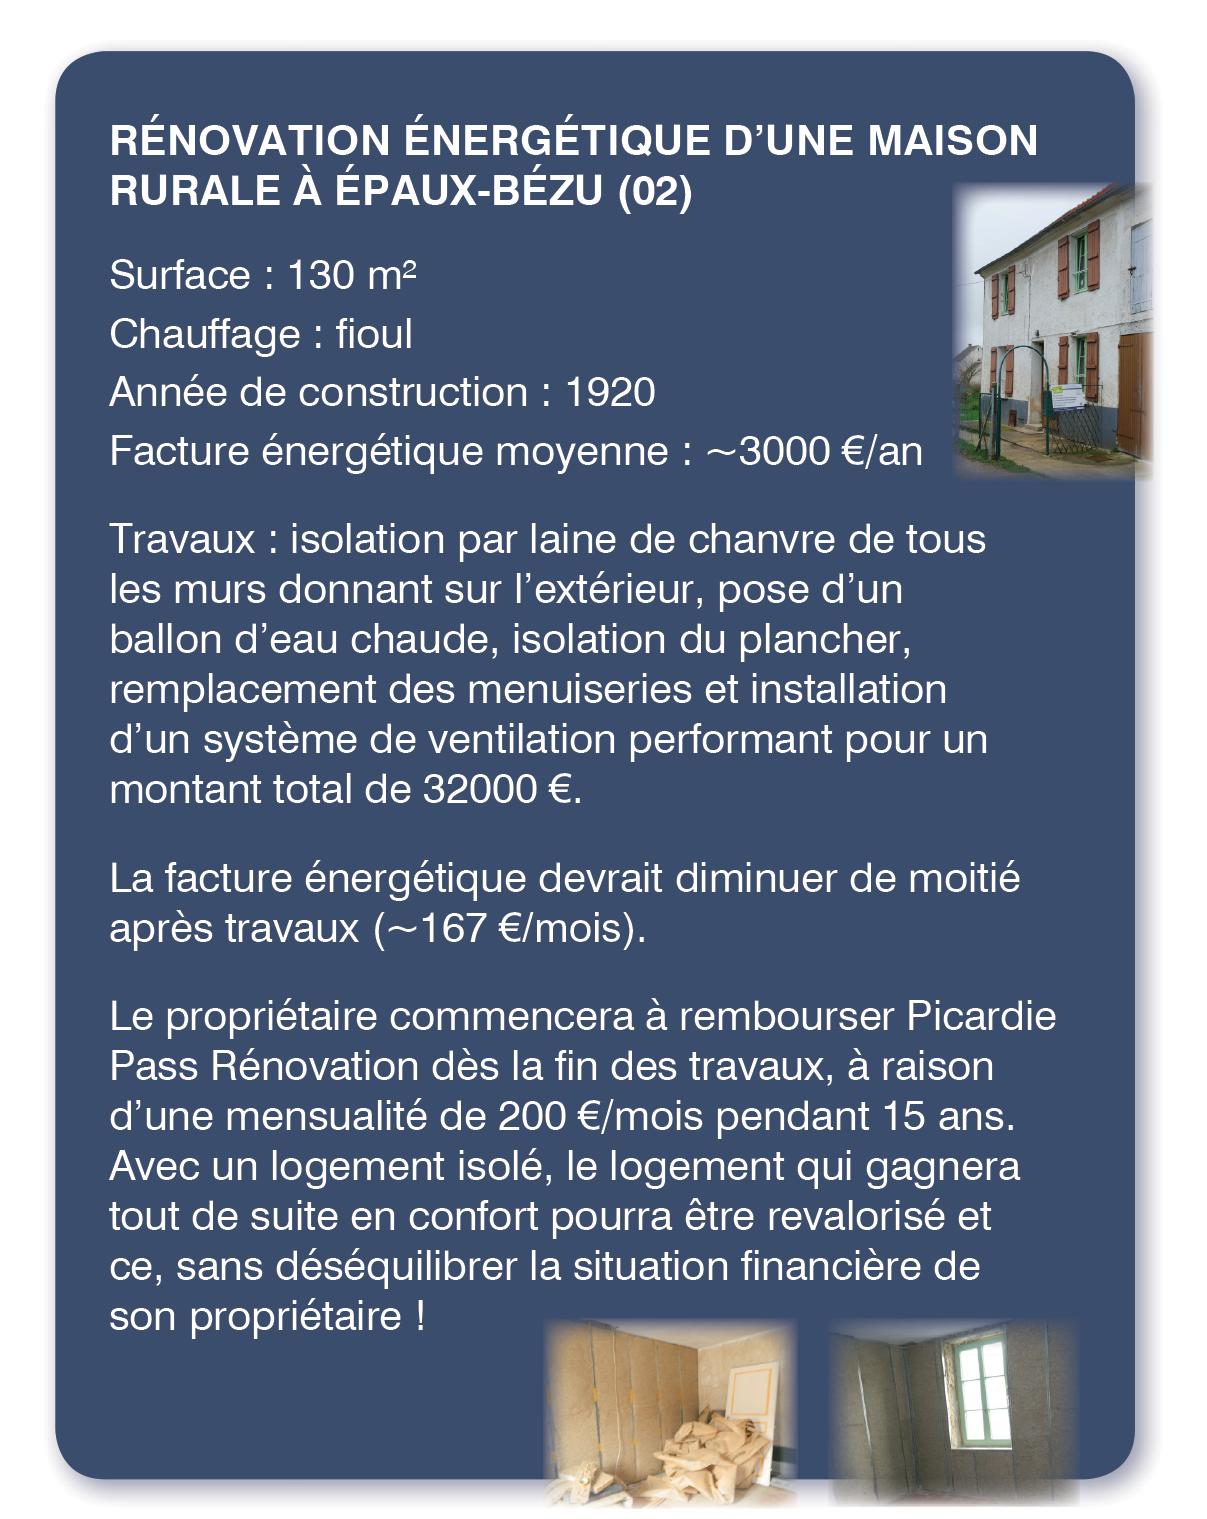 Visite chantier ouvert au public à Epaux Bezu